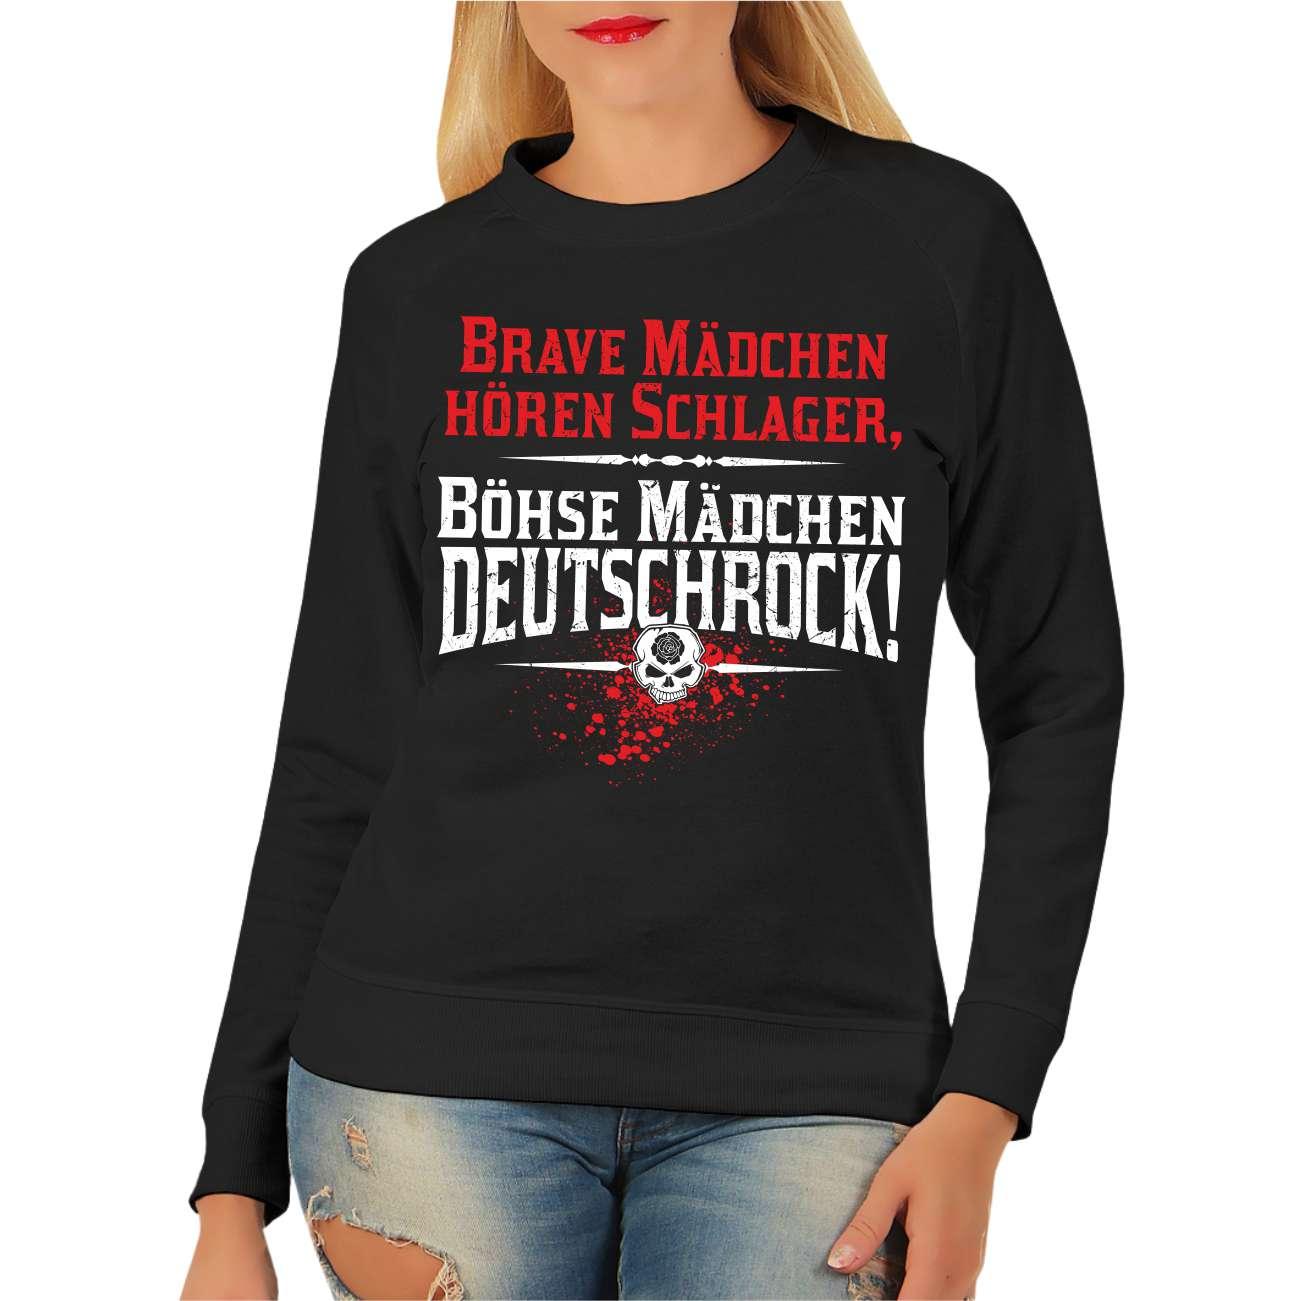 Frauen Sweatshirt Brave Mädchen hören Schlager böhse Deutschrock ...